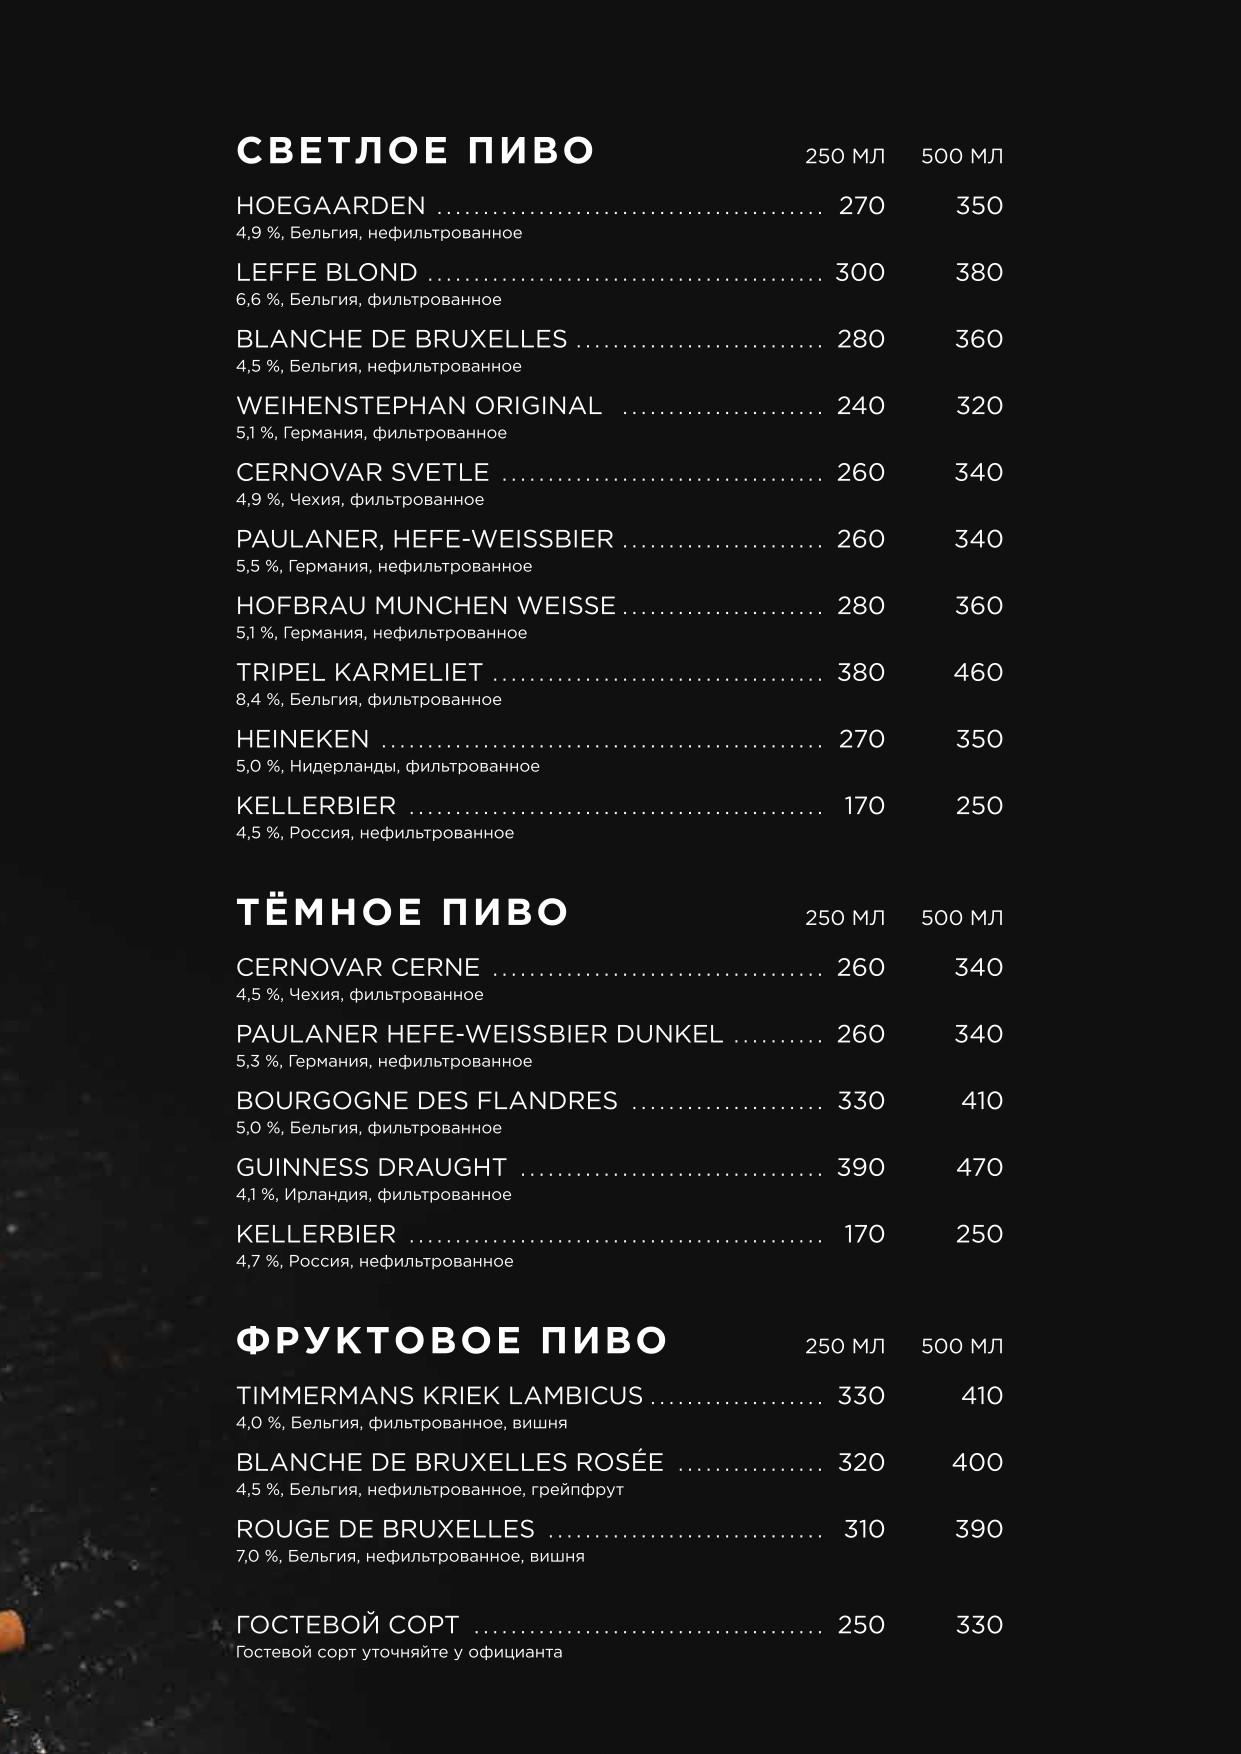 ГГ бар_превью_март2020_page-0004.jpg